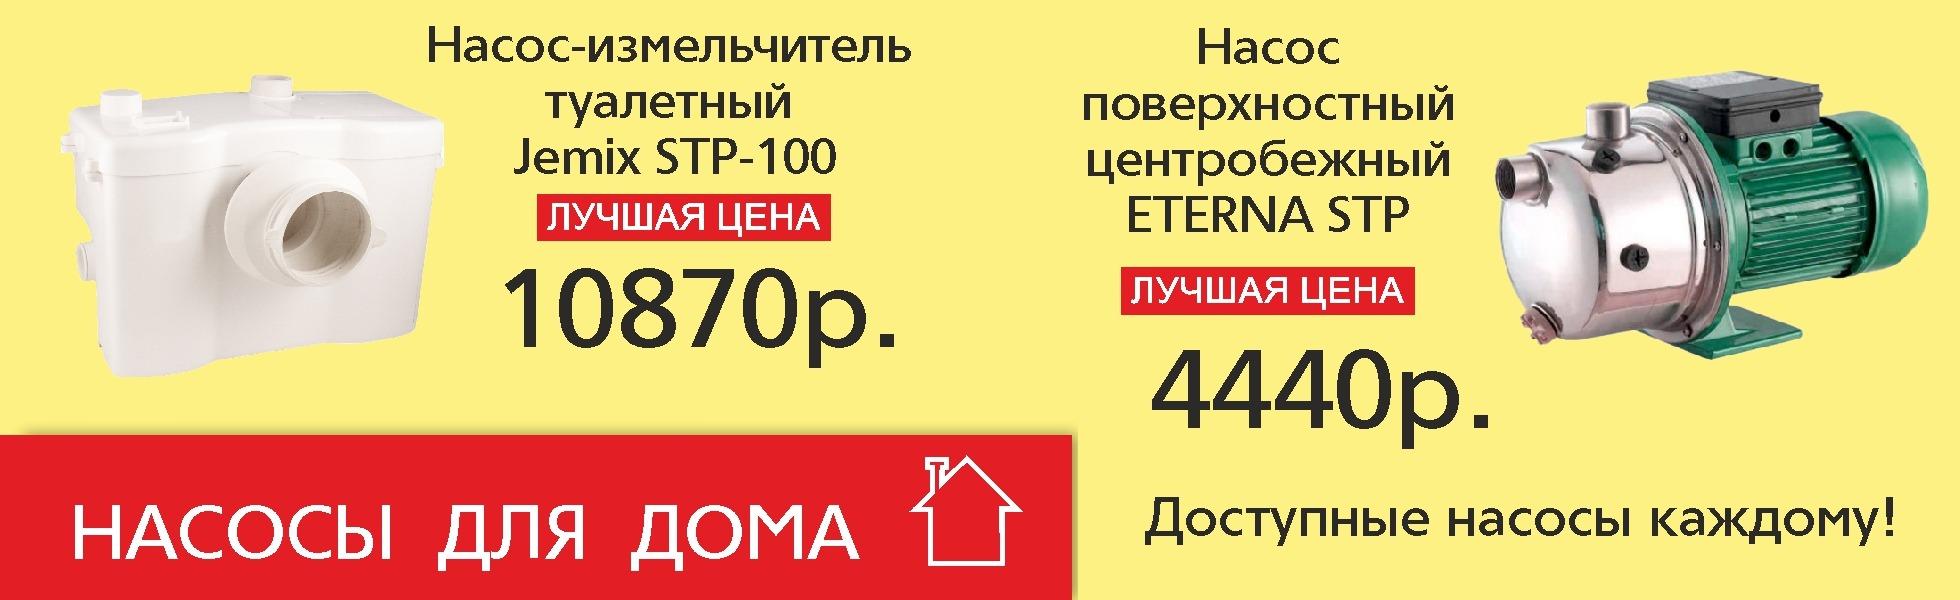 Купить уличные светильники в Йошкар-Оле, сравнить цены